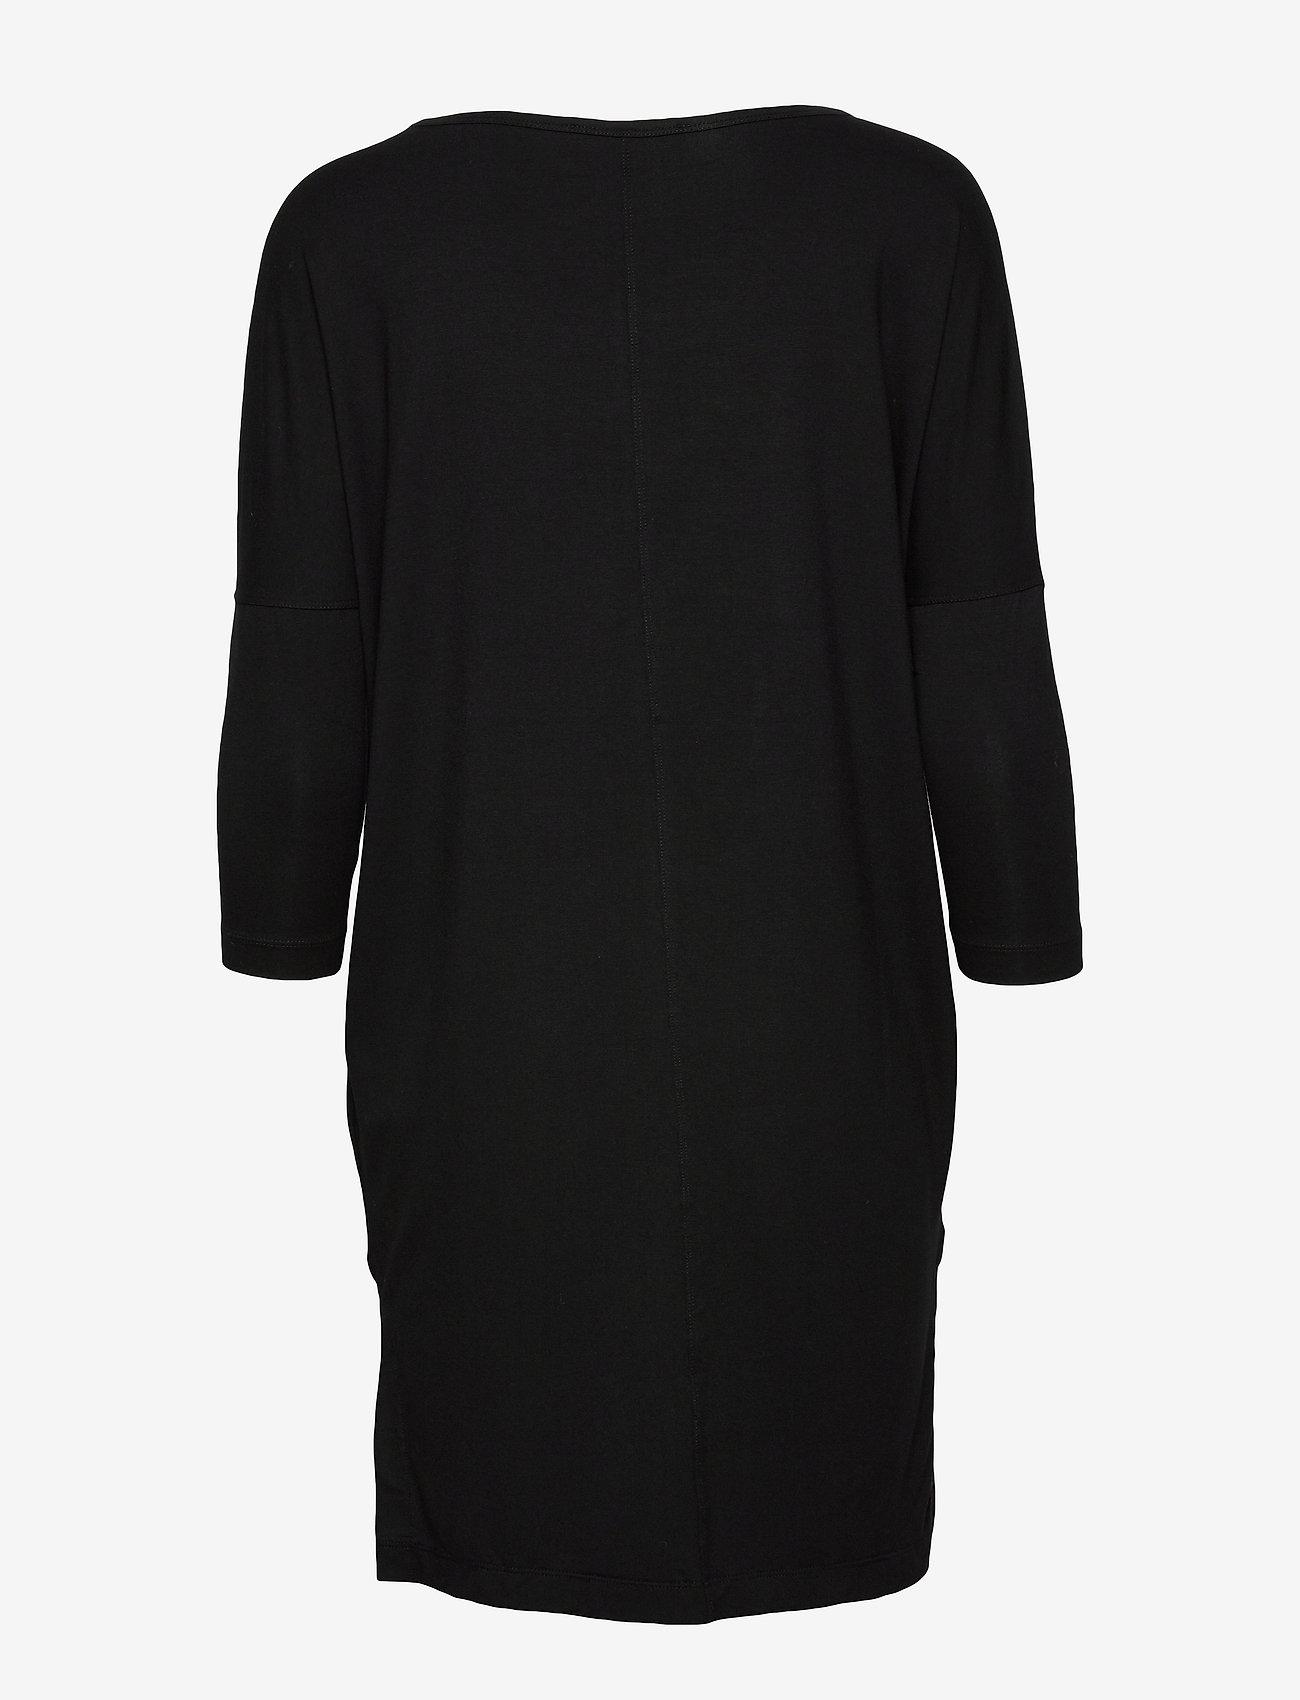 Ilse Jacobsen T-SHIRT - Sukienki BLACK - Kobiety Odzież.